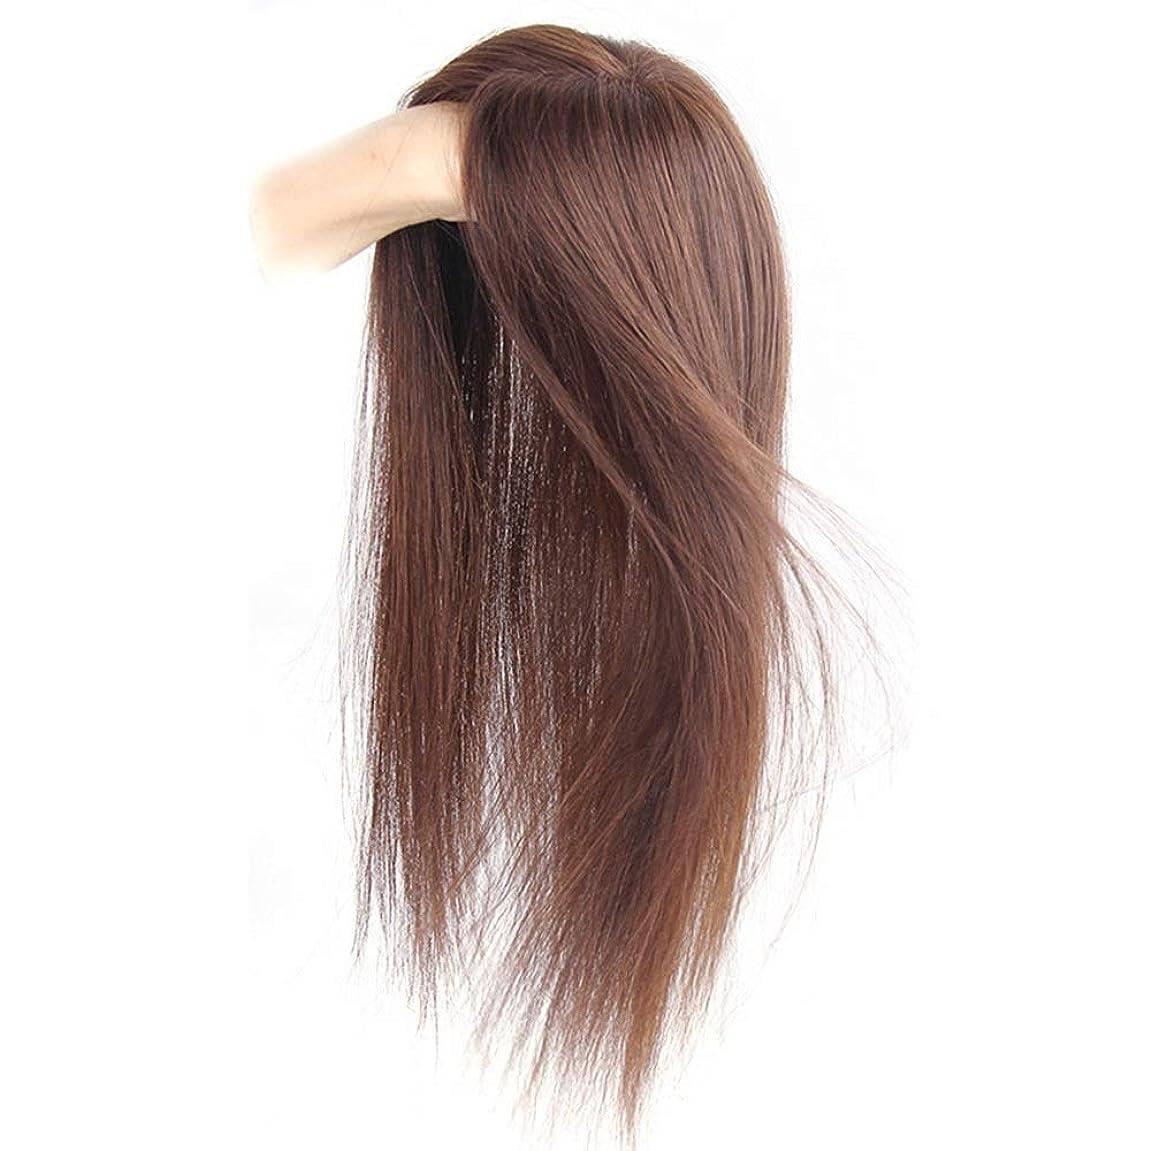 受け入れた安いですハーフBOBIDYEE 本物のヘアエクステンションでクリップストレートの女性のための絹のようなnatrual見る女性の合成かつらレースかつらロールプレイングかつら (色 : [7x10] 17cm natural black)